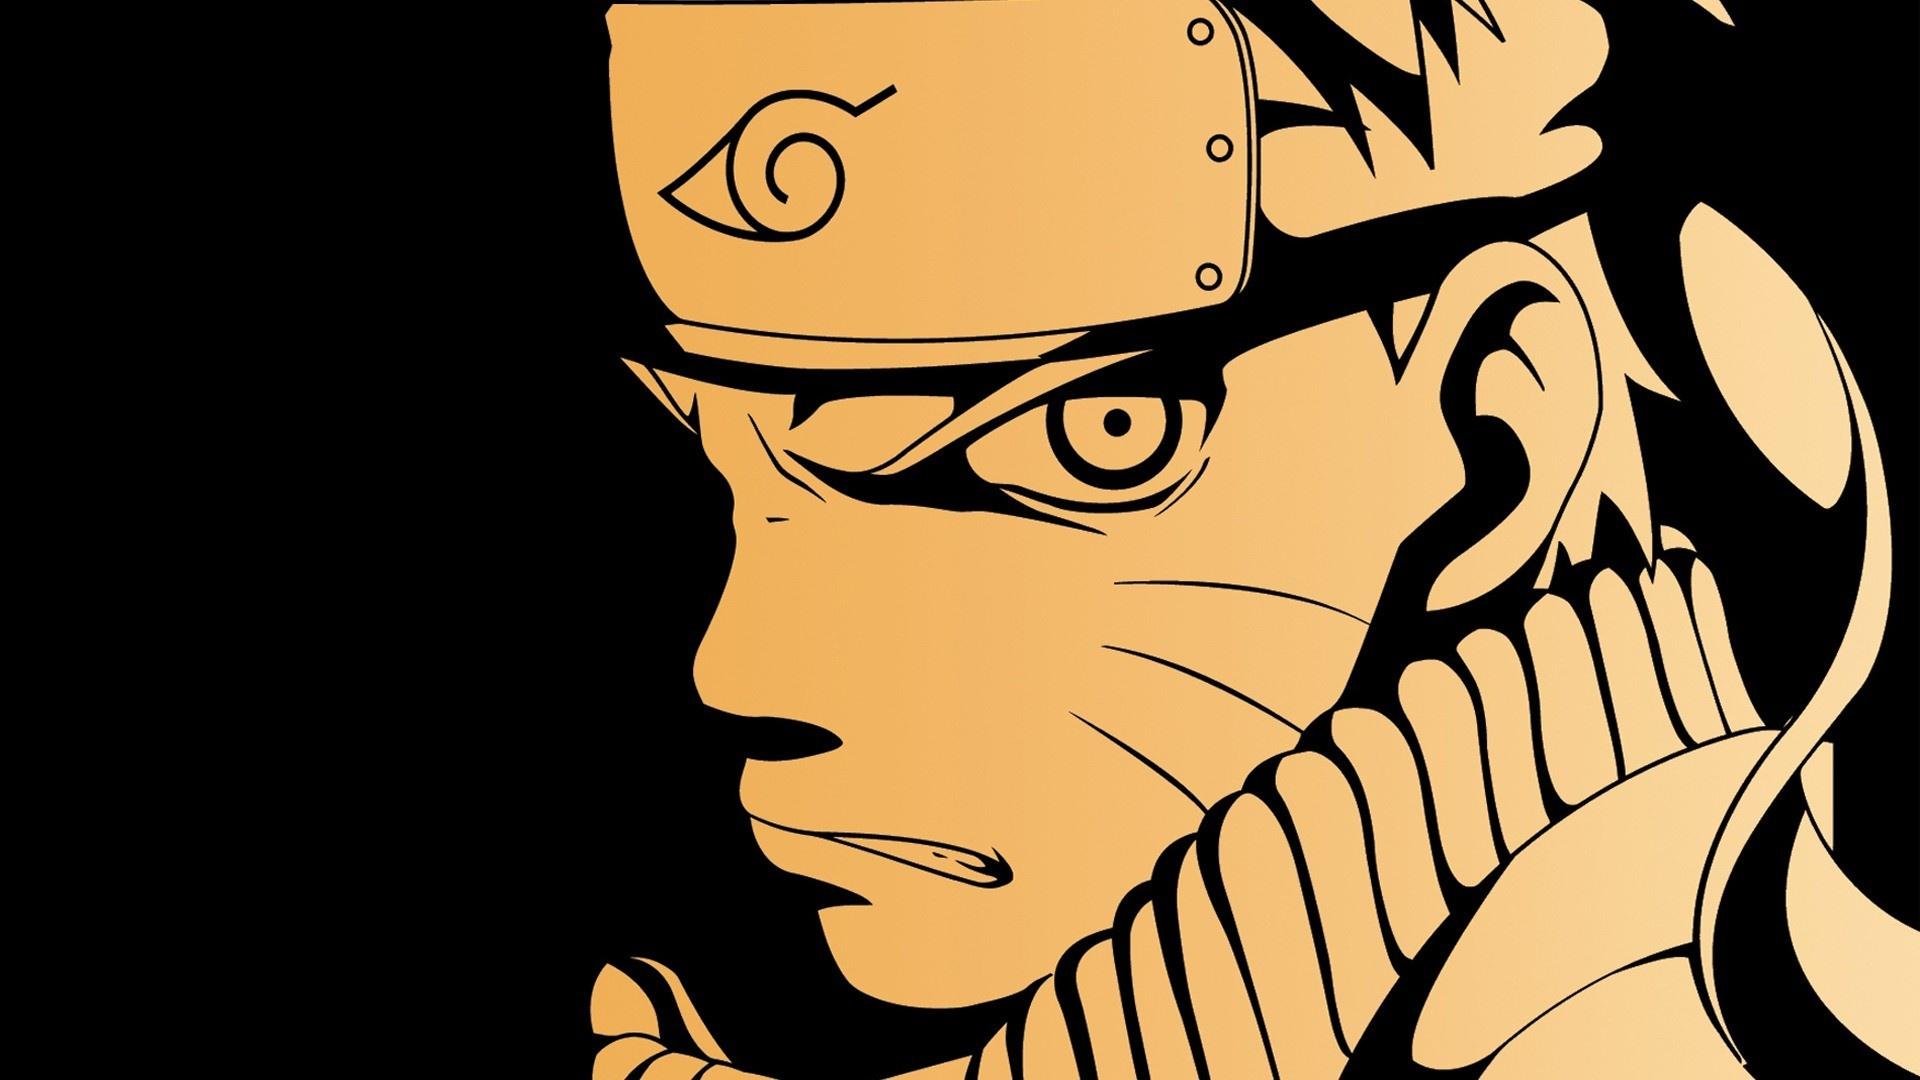 Naruto free background